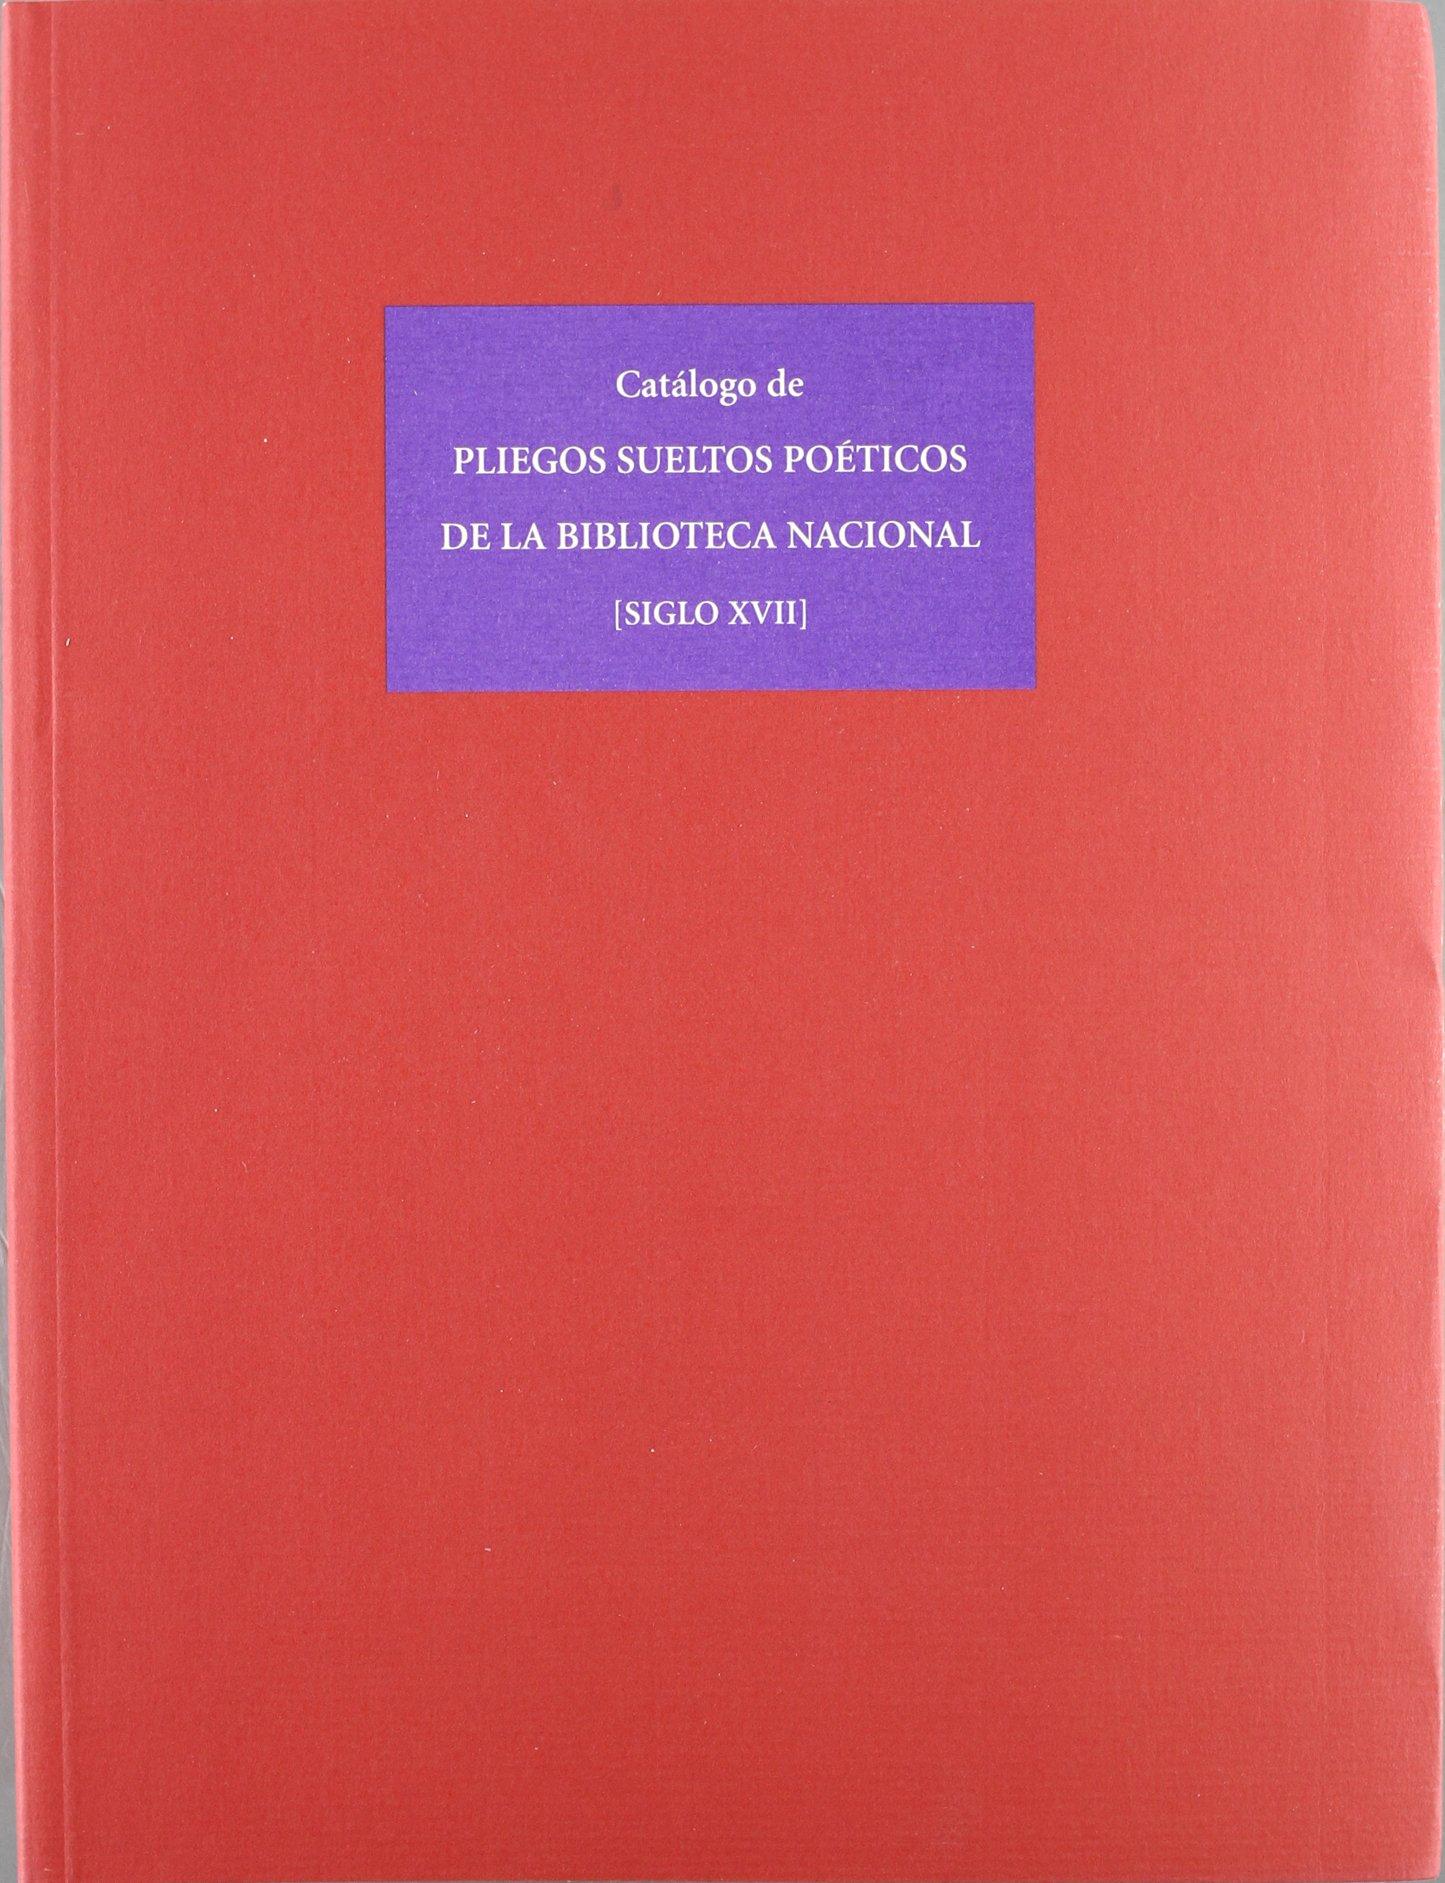 Catálogo de pliegos sueltos poéticos de La Biblioteca Nacional siglo XVII: Amazon.es: GARCIA DE ENTERRIA, MARIA CRUZ : MARTIN ABAD, JULIAN: Libros